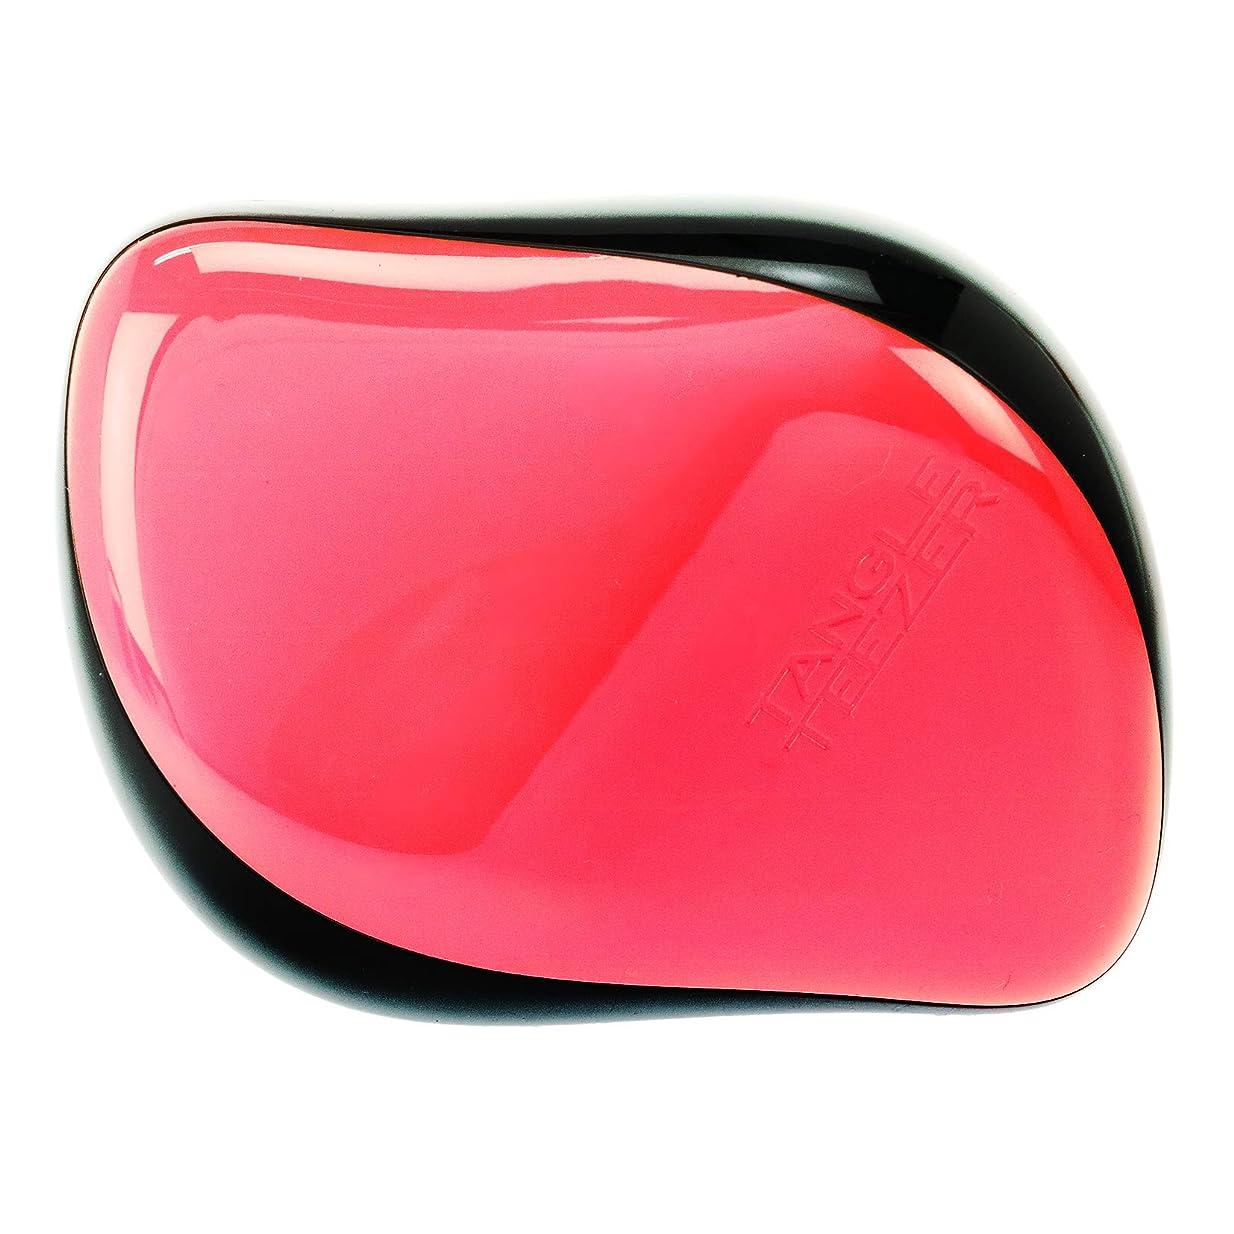 穴防水ブランチタングルティーザー コンパクトスタイラー #ピンク&ブラック